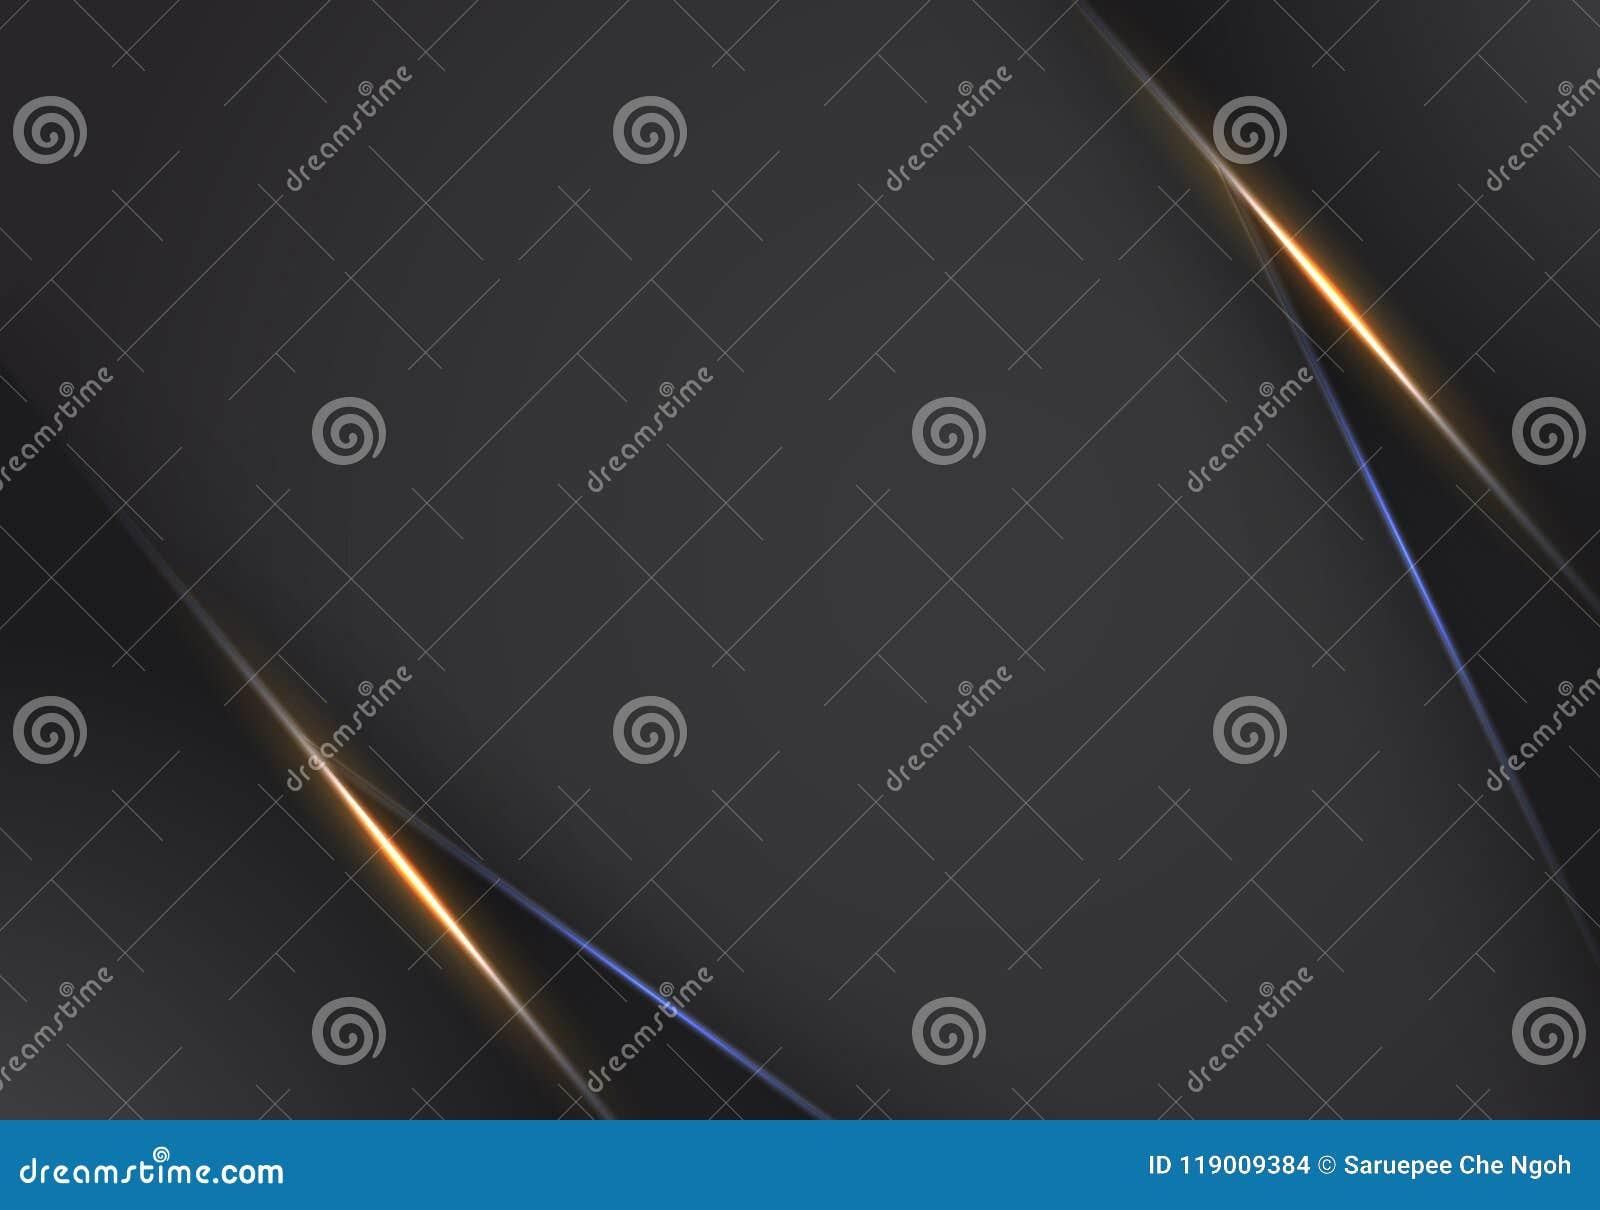 Fondo de neón ligero moderno del fondo de la plantilla del diseño de la tecnología de la disposición negra anaranjada metálica ab